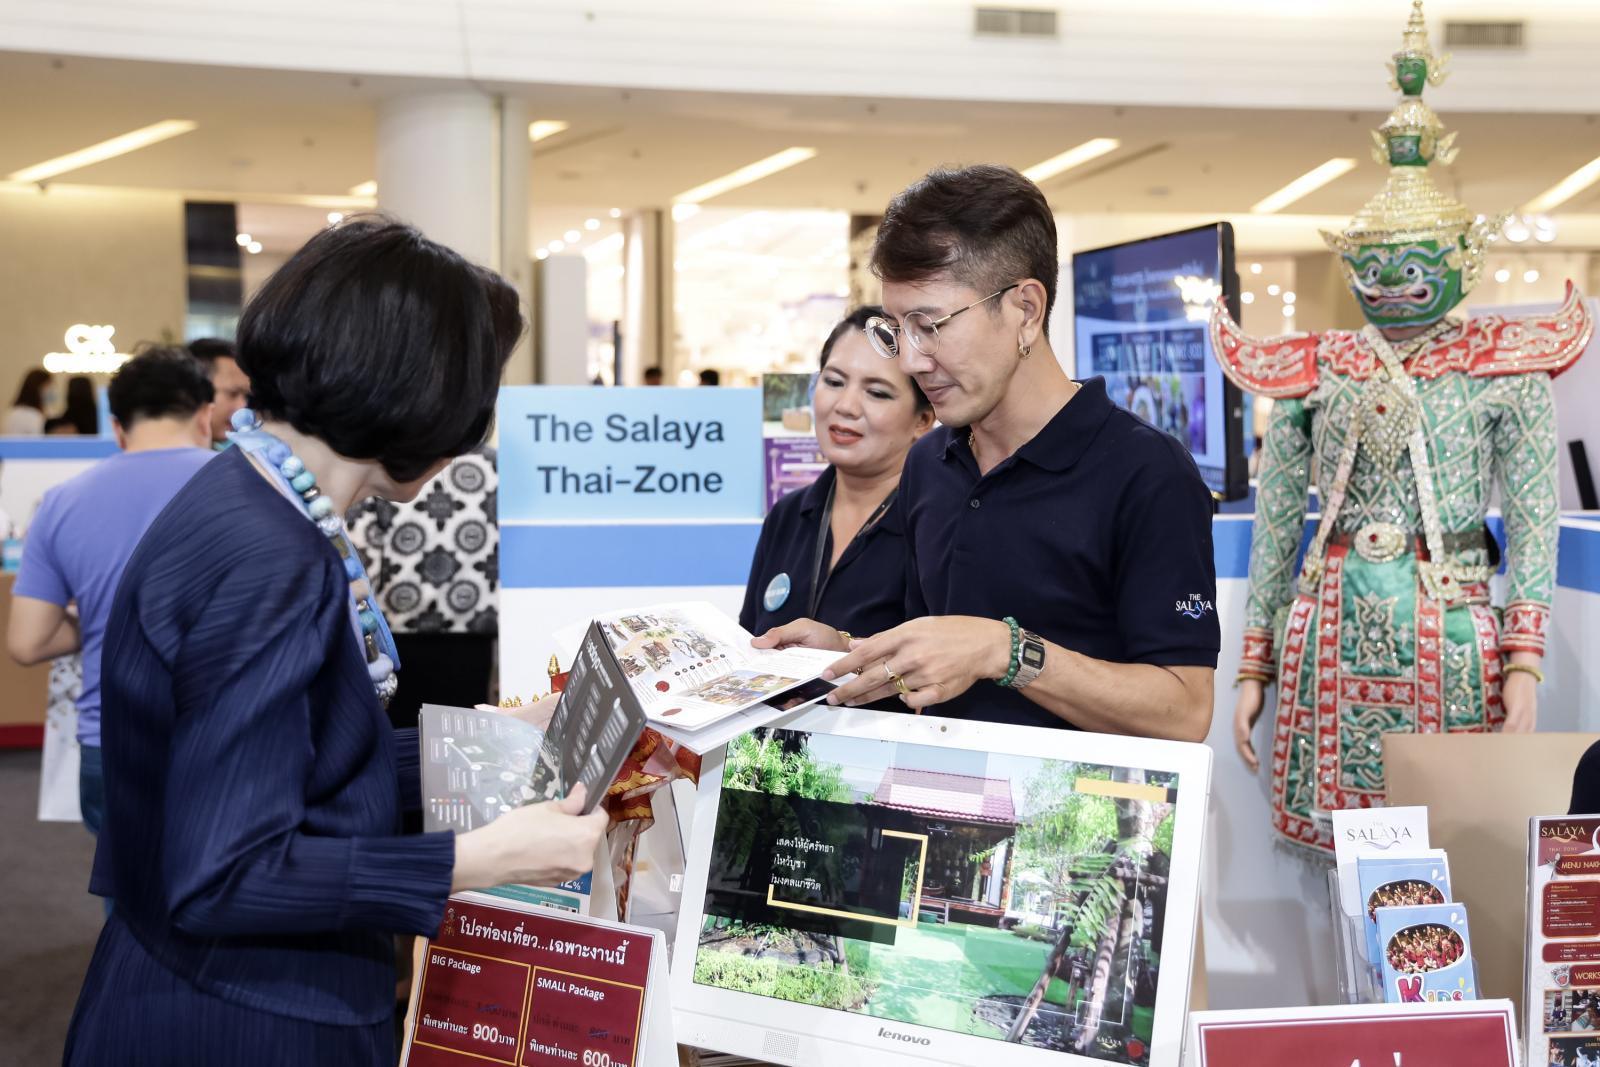 """สยามพารากอน รวมพลังภาครัฐและเอกชน สร้างปรากฏการณ์เที่ยวสนุกสุขทั่วไทยจัดแคมเปญ """"ไทยเที่ยวไทย คือไทยเท่ เที่ยวไทยรับพลังบวก"""""""